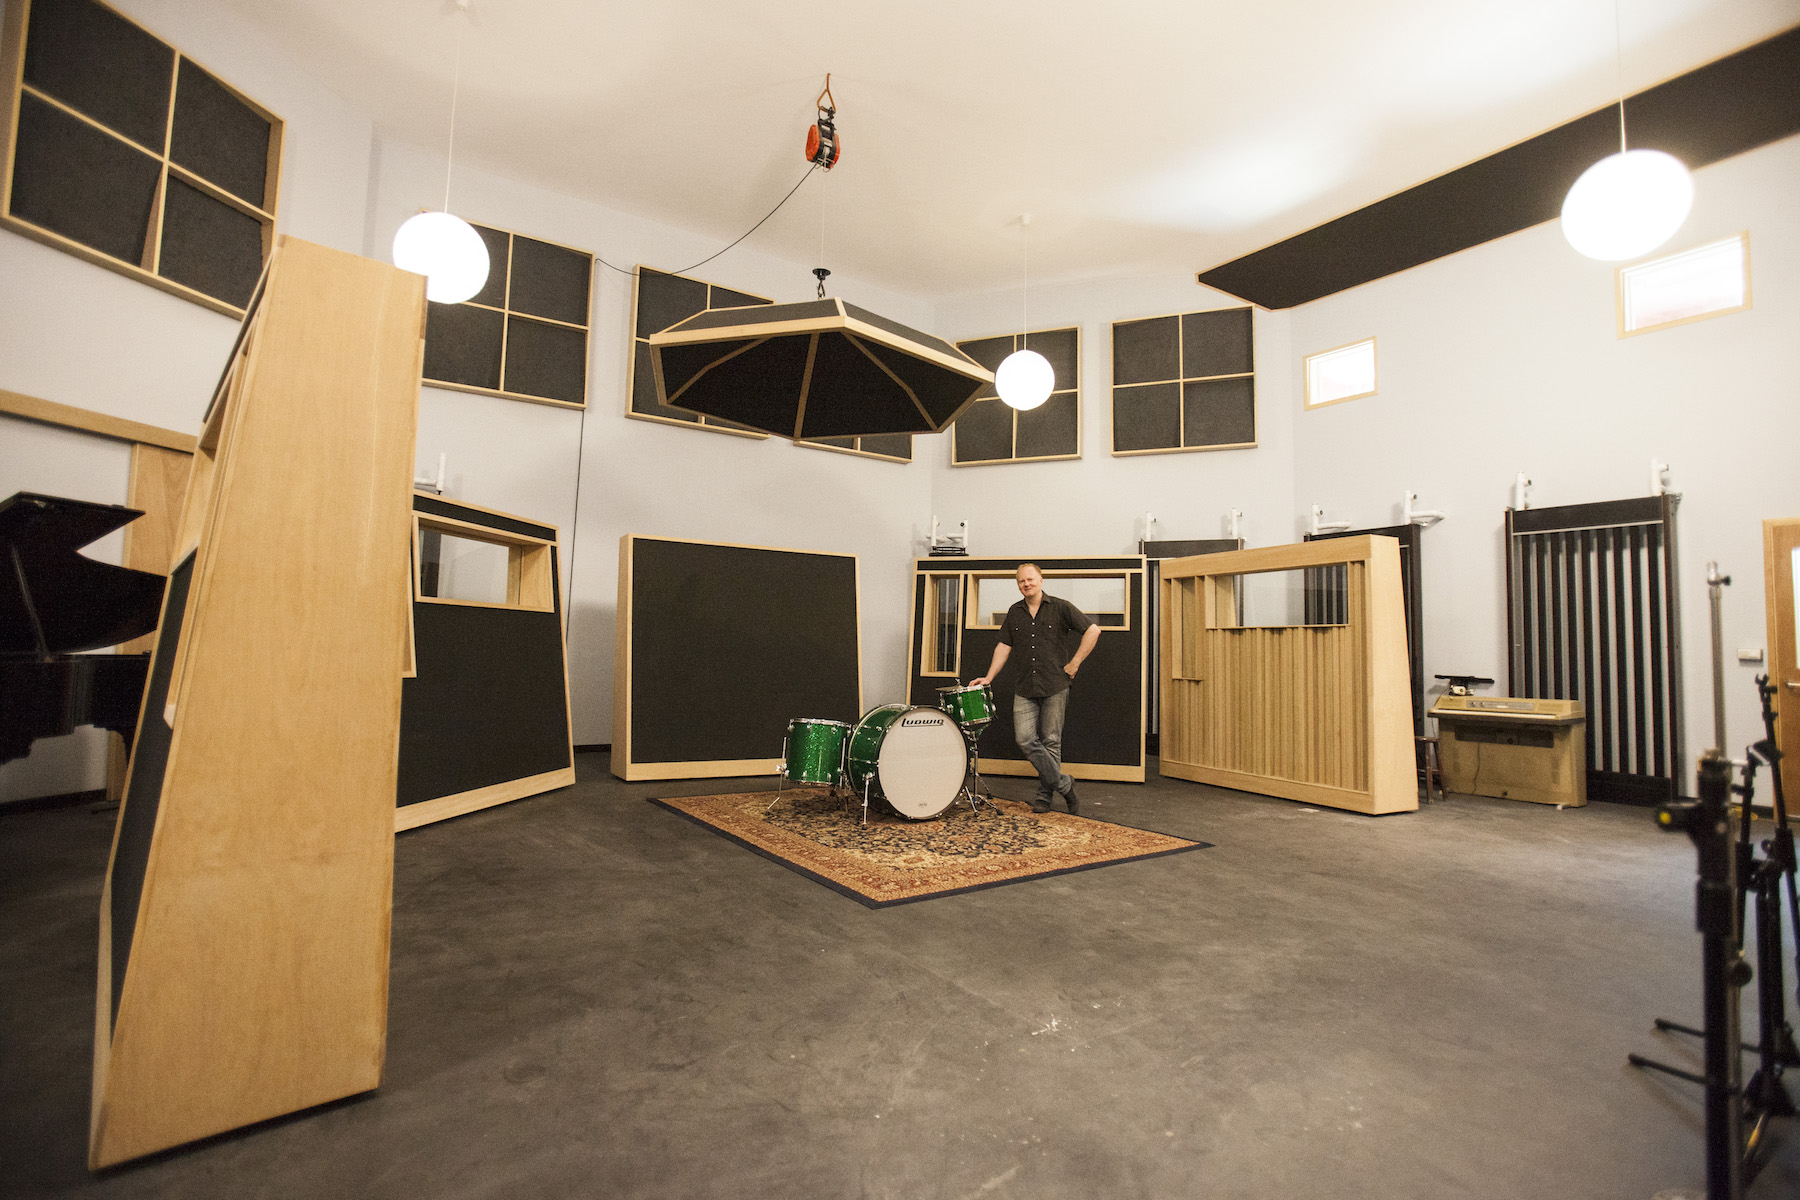 吸音板一共有六片(還有一片被移到旁邊未入鏡),都是可以移動的;上方看起來像蓋子的吸音板是鼓傘(Drumbrella)也可上下調整已達到同時有乾的鼓聲及空間的Room sound。照片中的大鼓是28吋的Ludwig,這裡還有20、22以及32吋,都是六零年代的產物。